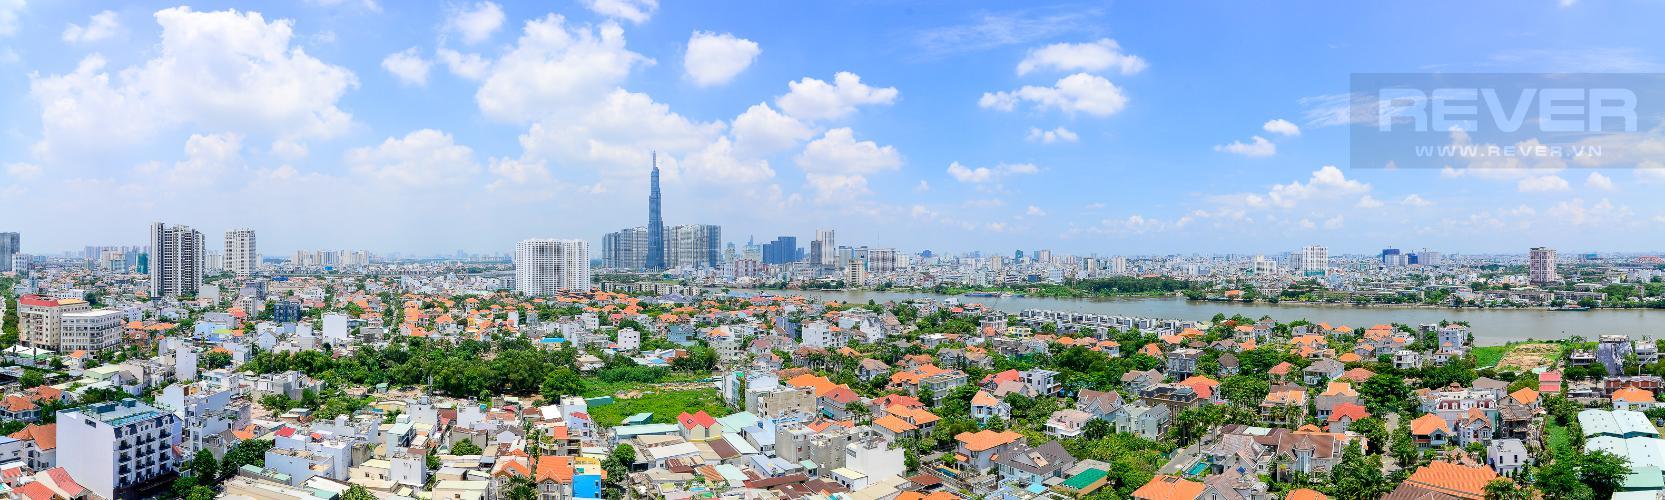 View Bán căn hộ Tropic Garden 2PN, đầy đủ nội thất, view sông Sài Gòn và Landmark 81